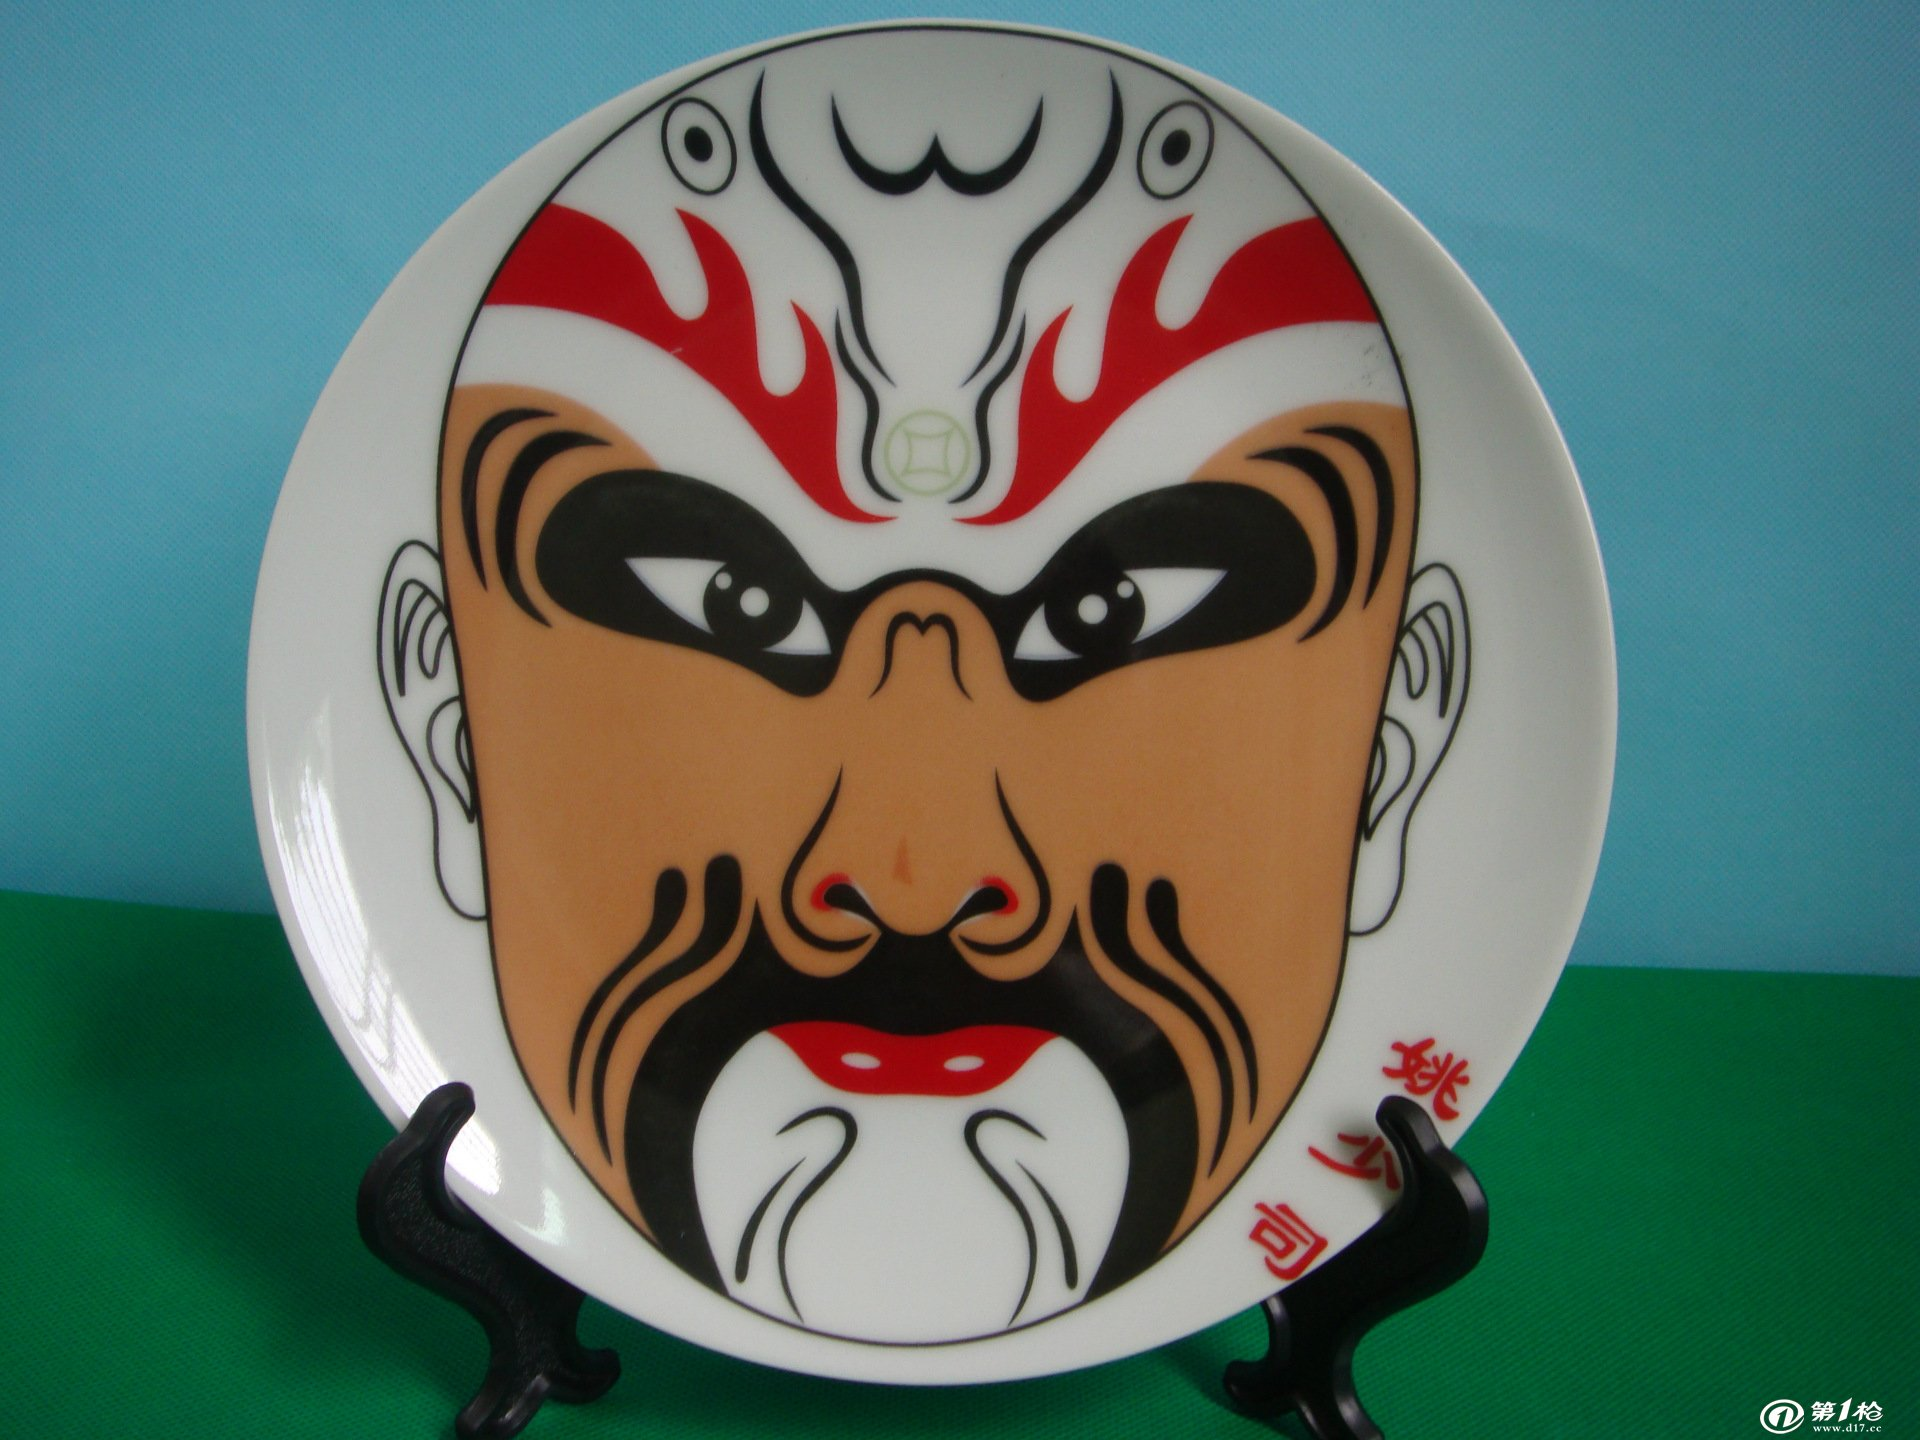 8寸脸谱挂盘装饰盘墙壁挂饰品现代装饰瓷器盘子